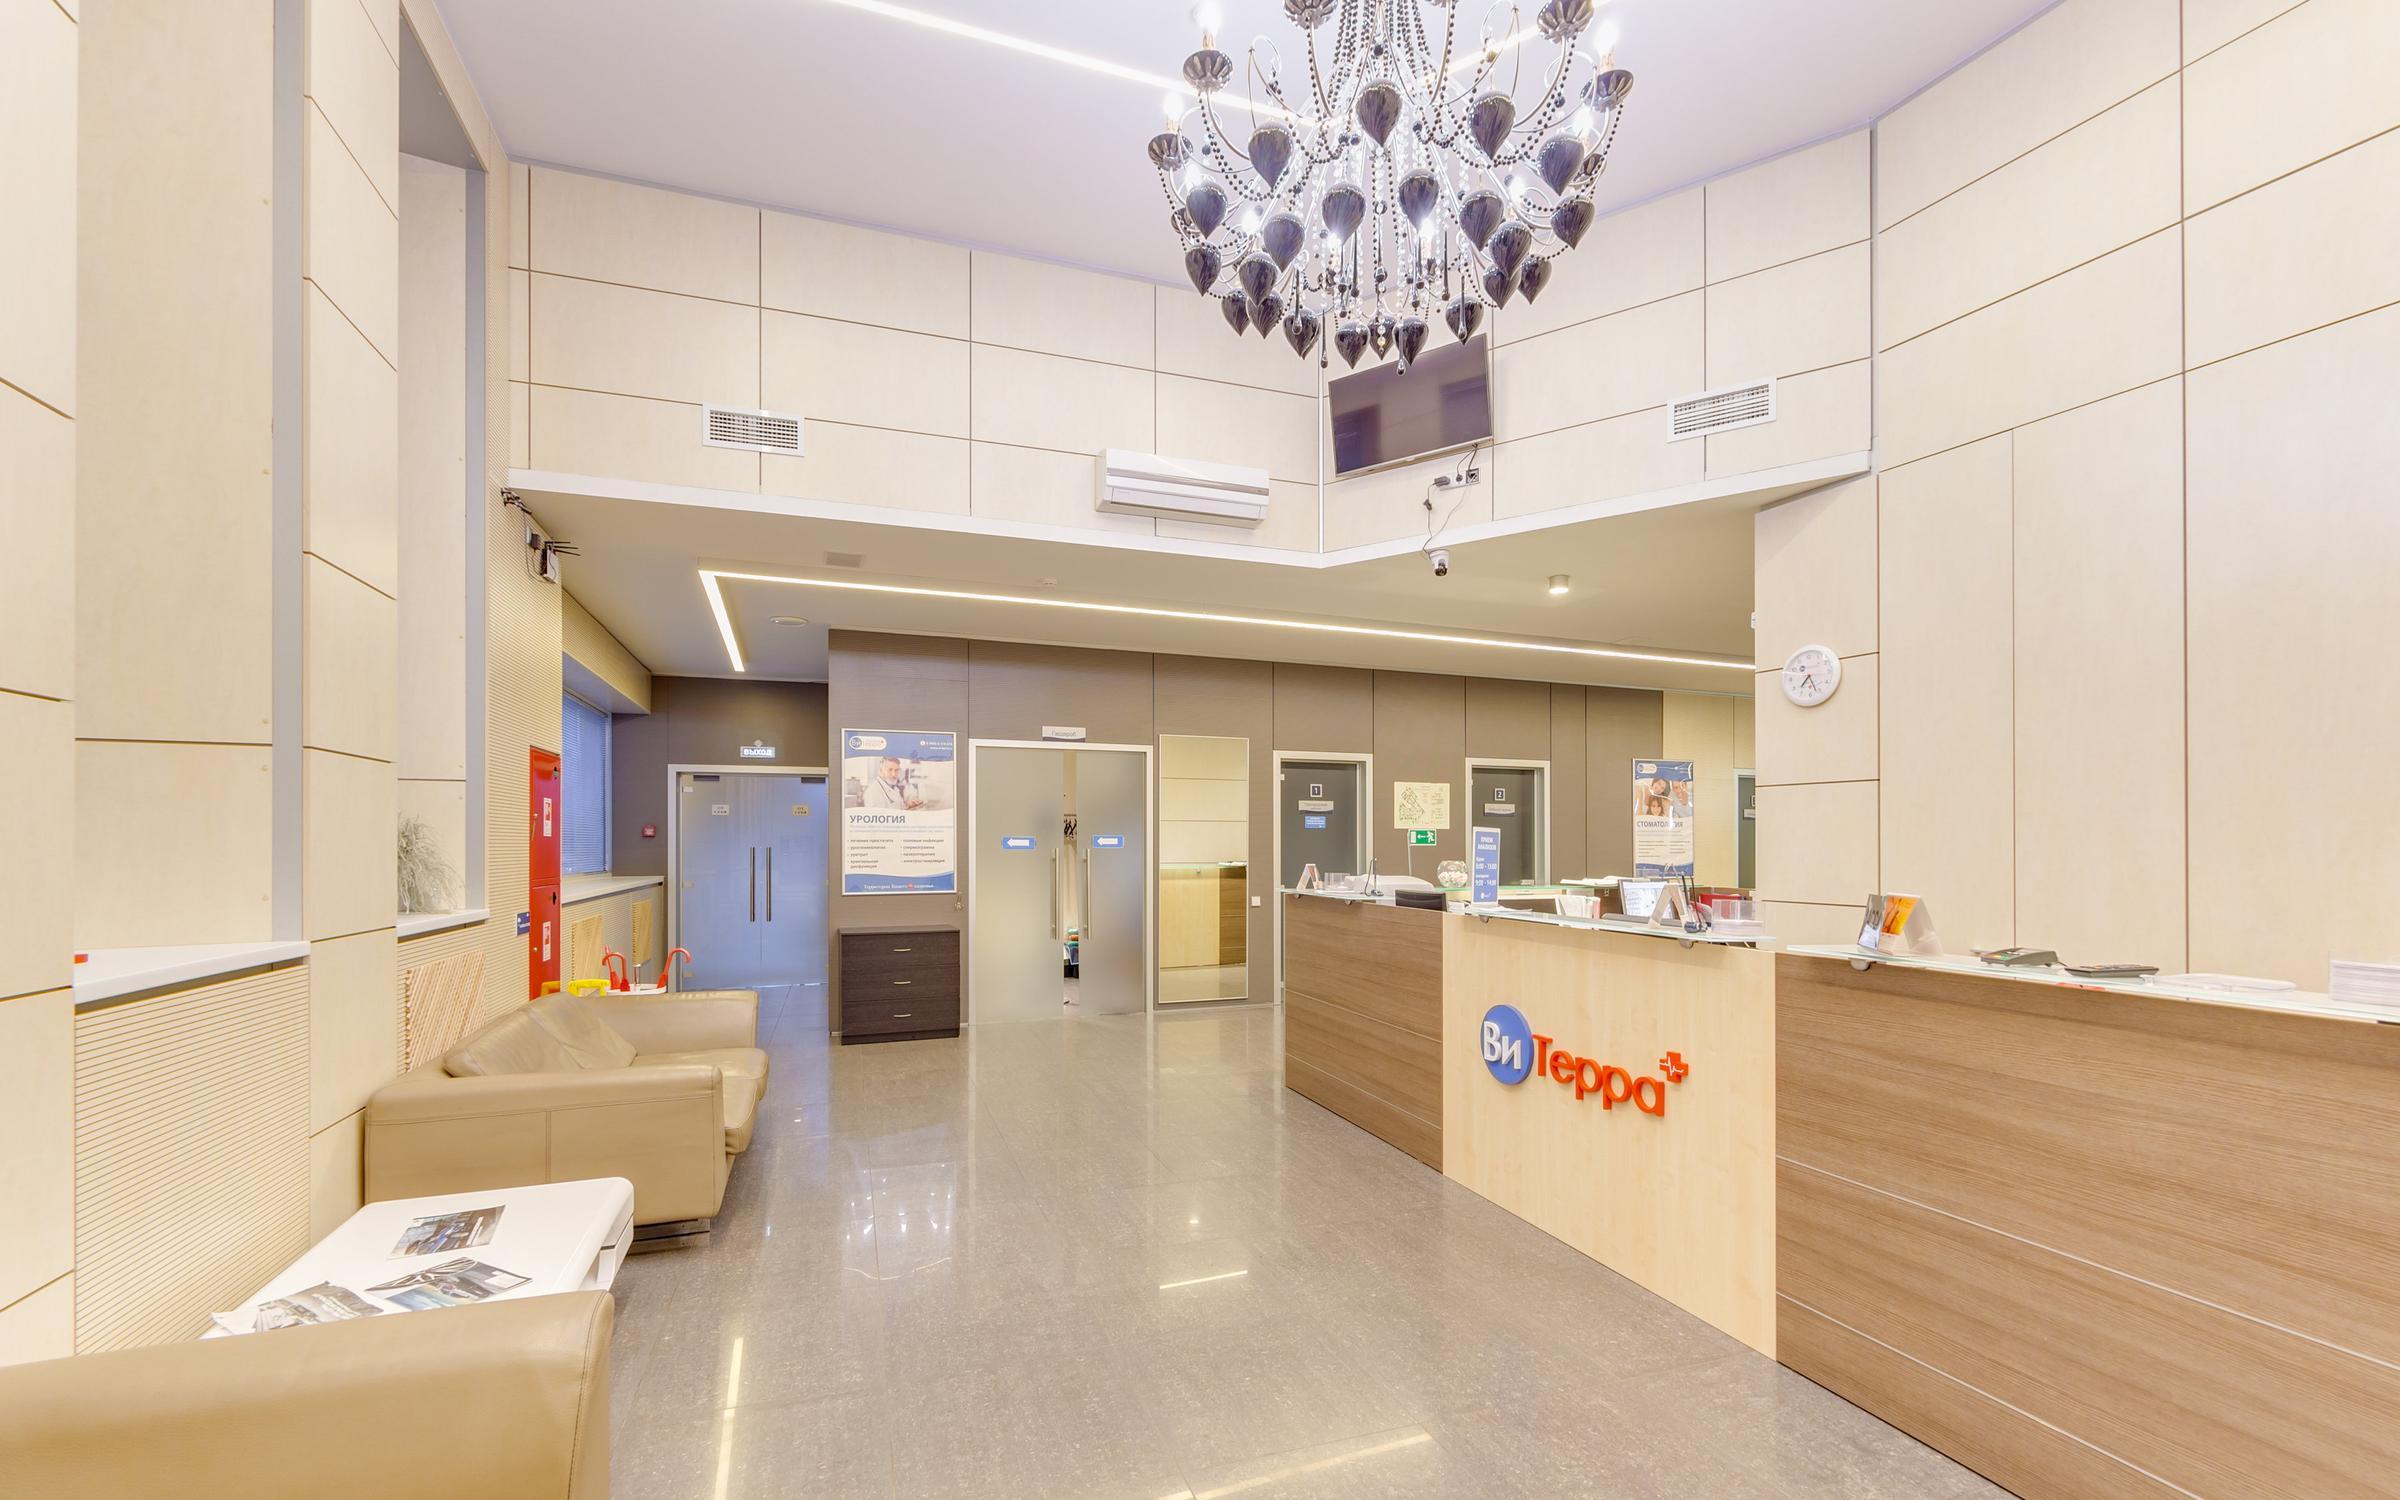 фотография Многопрофильной клиники ВиТерра в Беляево